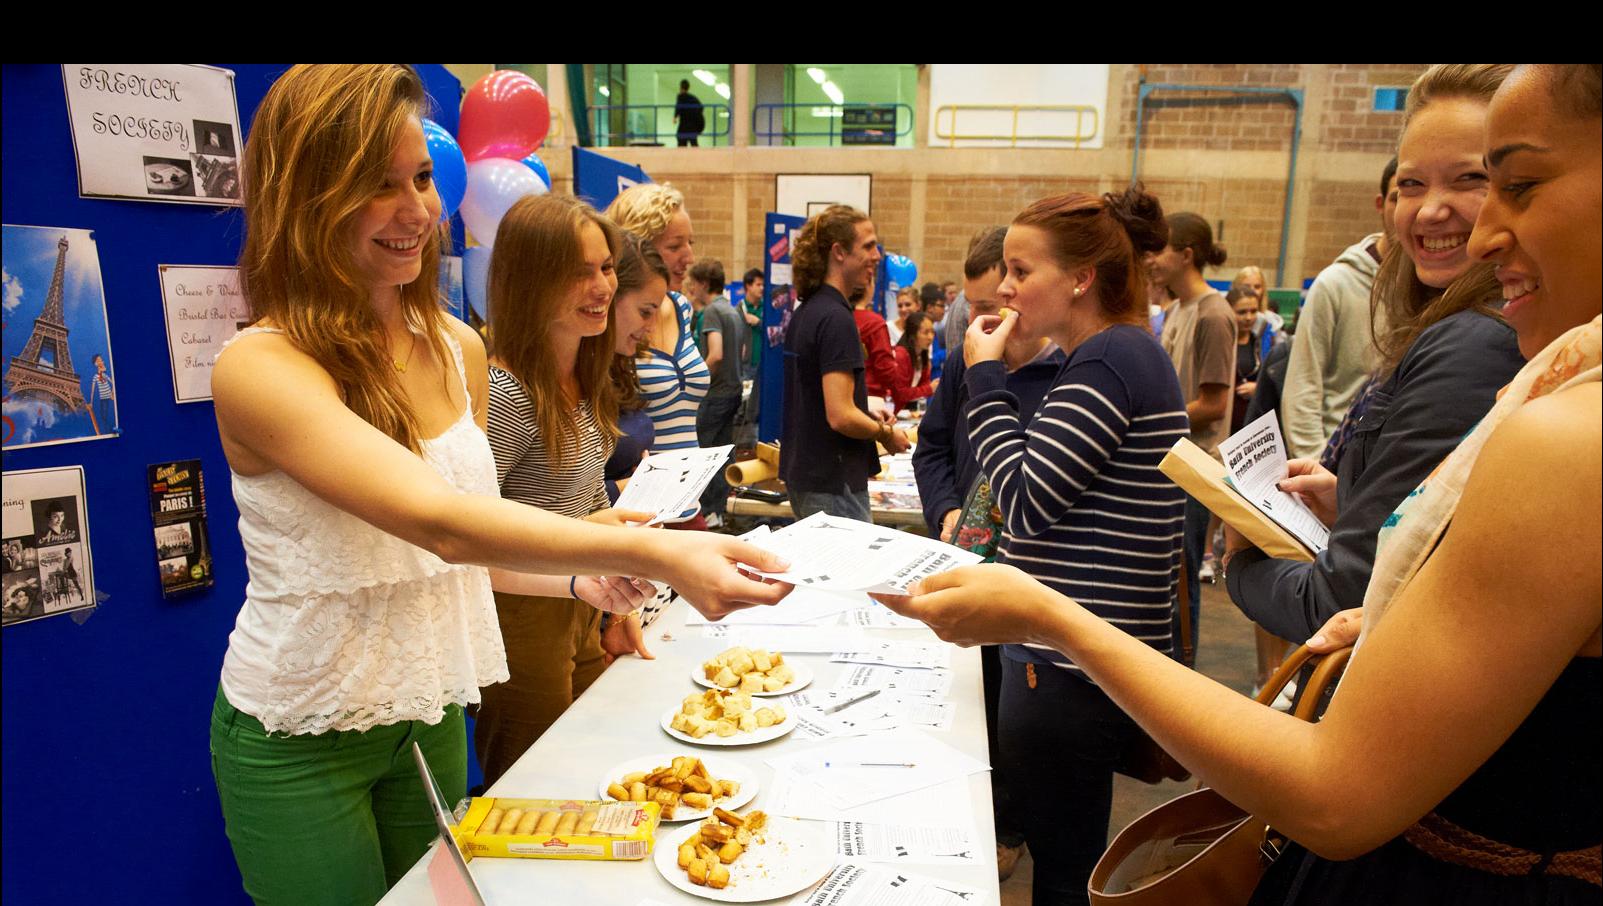 Students enjoying Freshers' Week